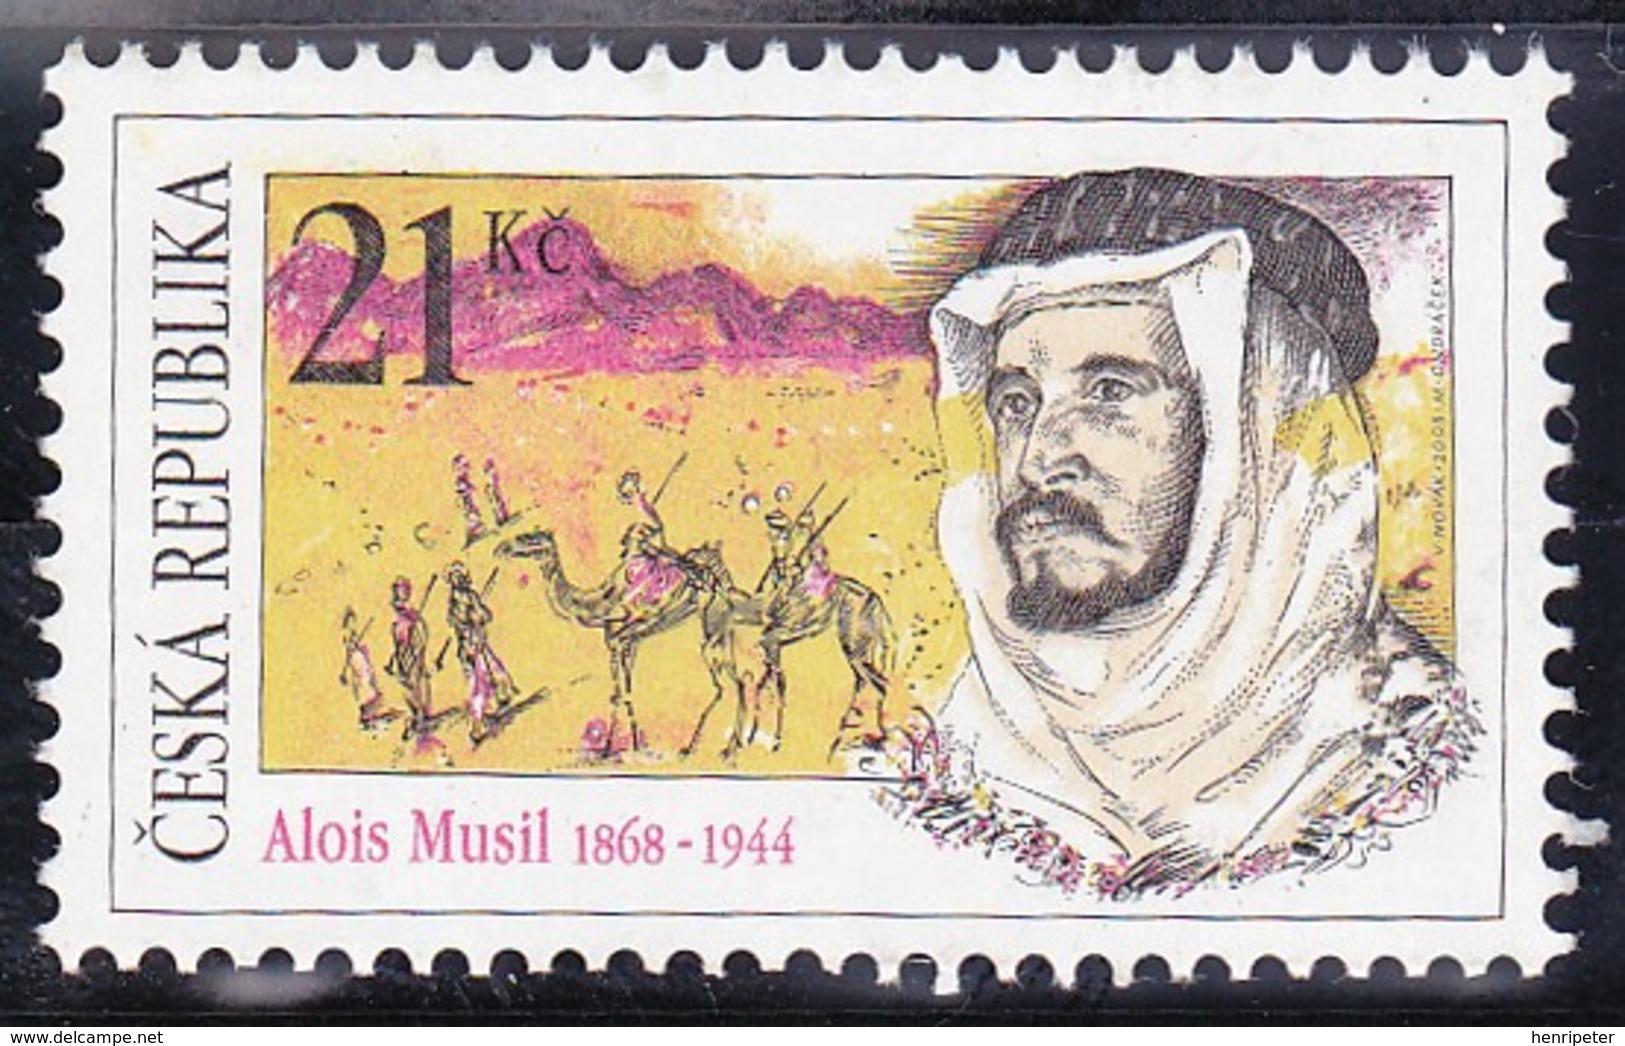 T.-P. Gommé Neuf** - 140ème Anniversaire De La Naissance De L'explorateur Alois Musil - N° 567 (Michel) - Tchèquie 2008 - Neufs